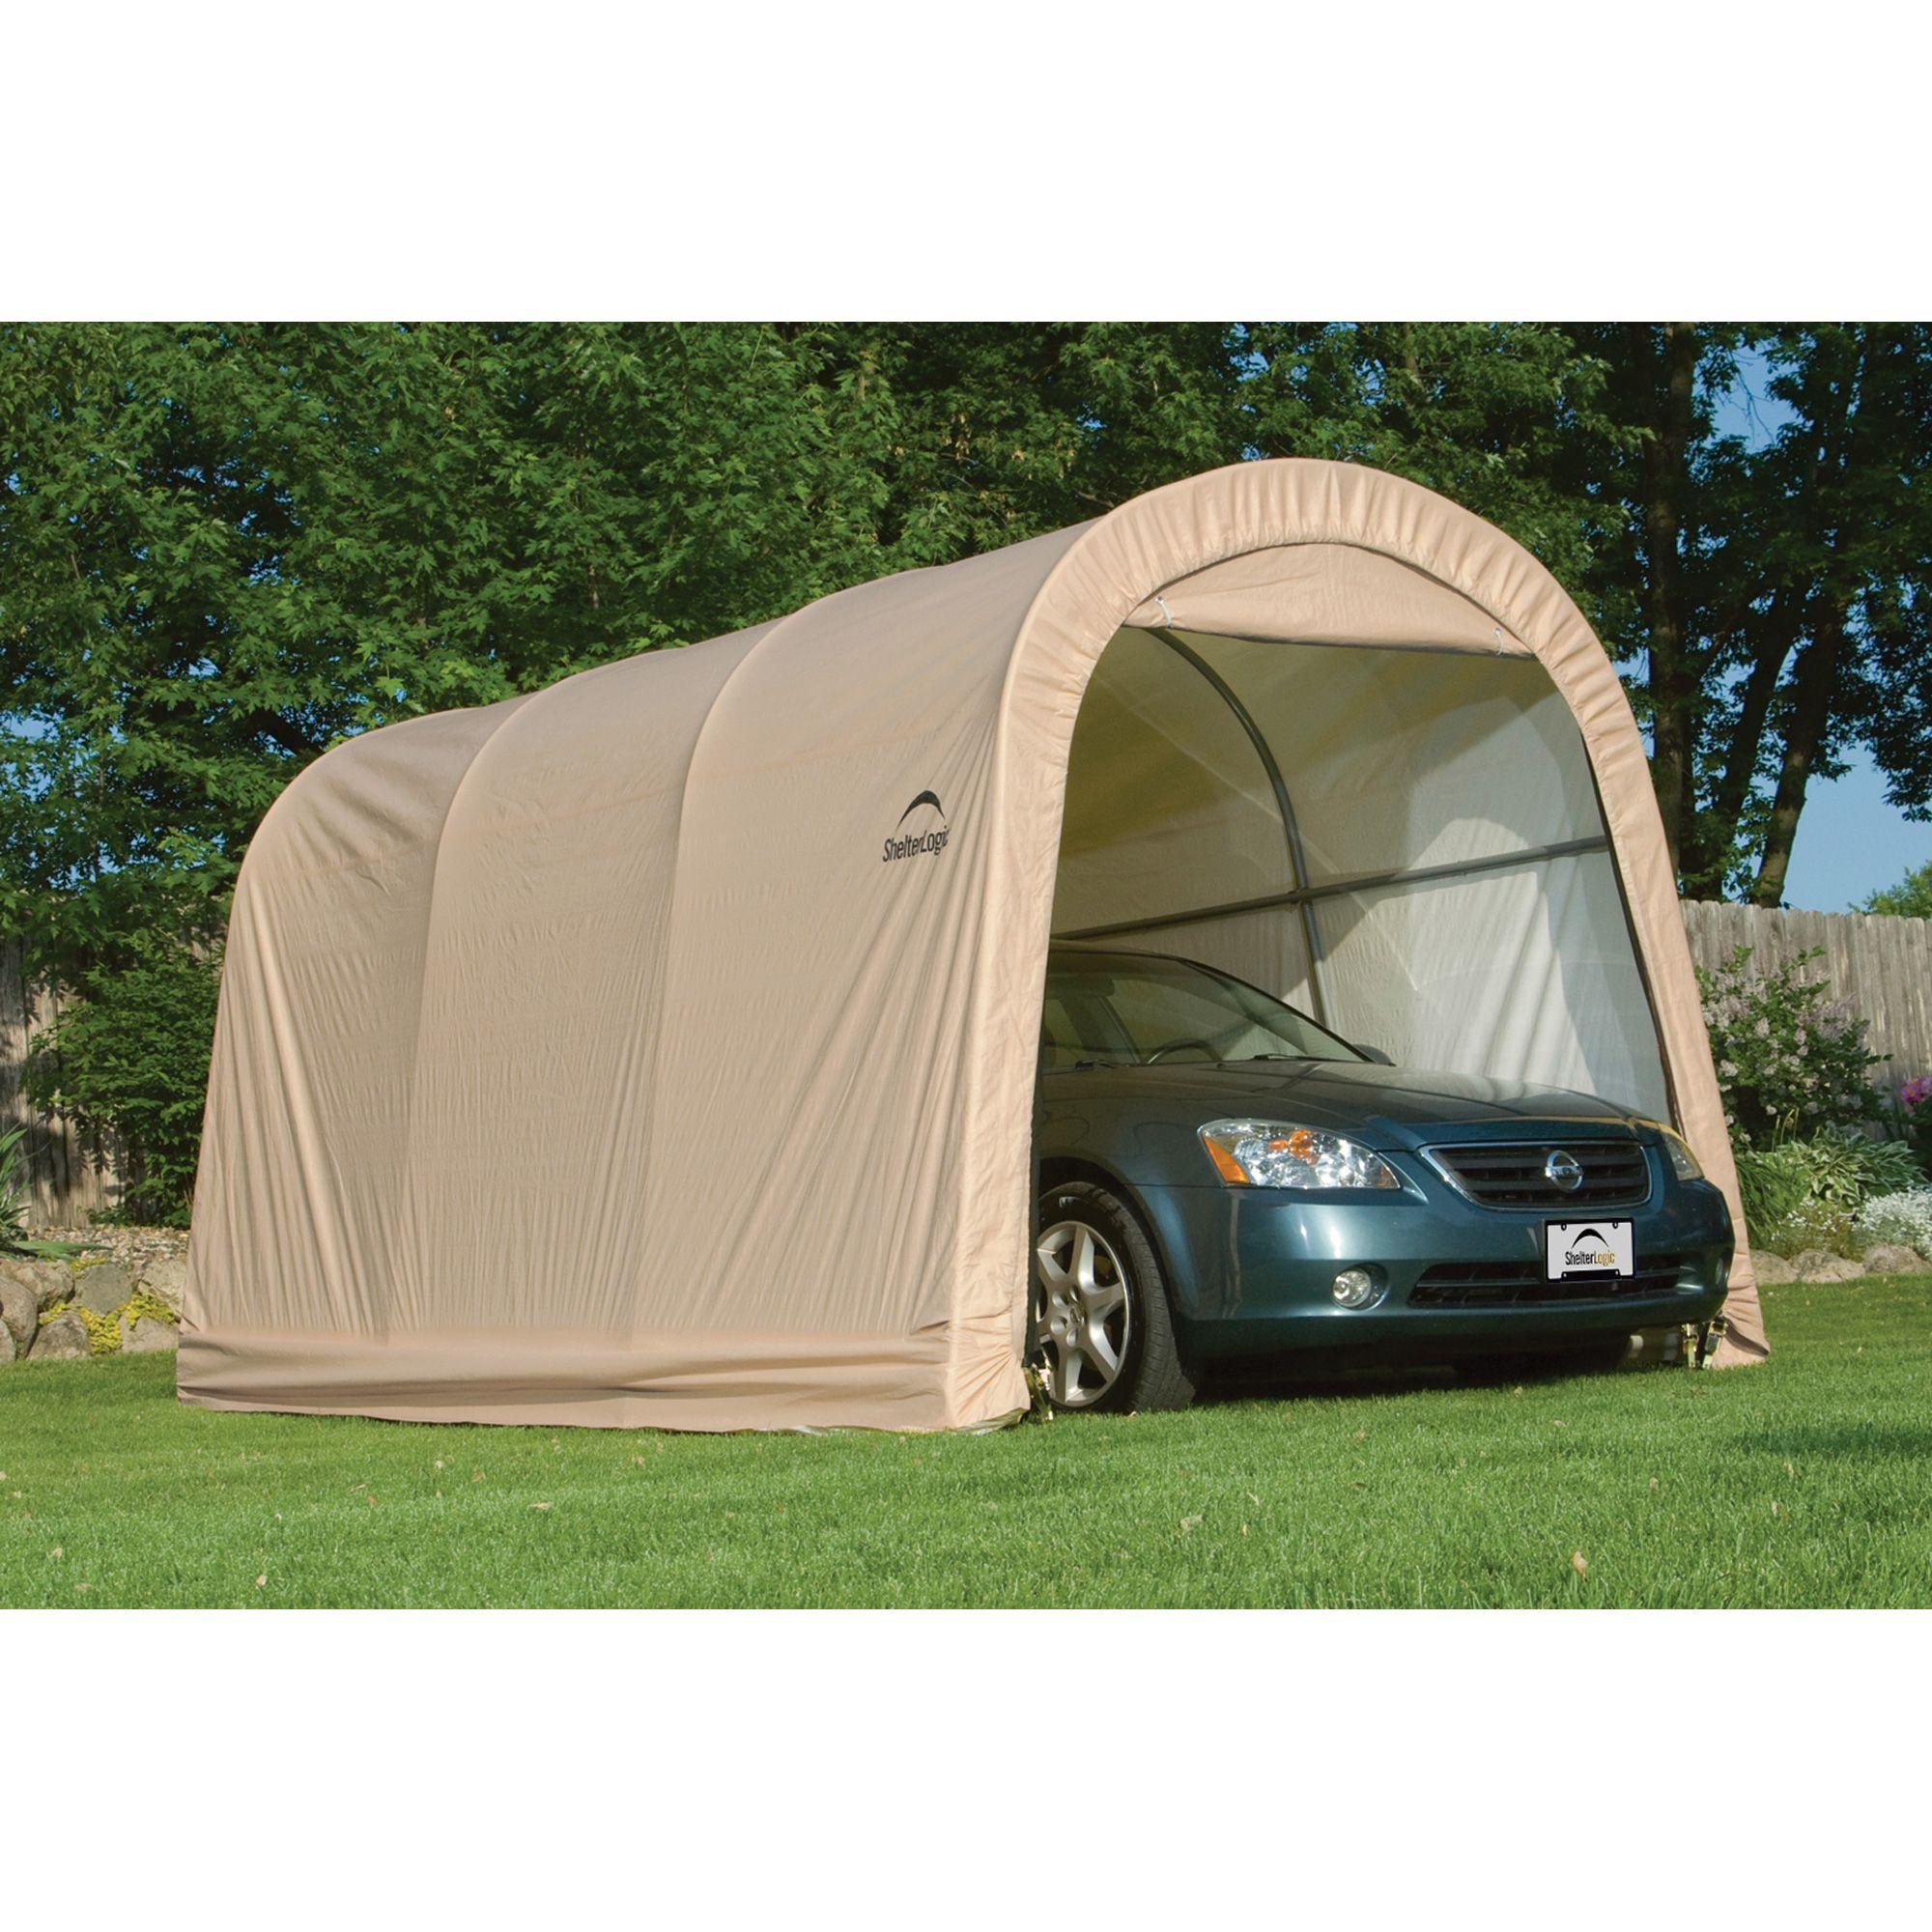 Shelterlogic Autoshelter Roundtop Portable Garage